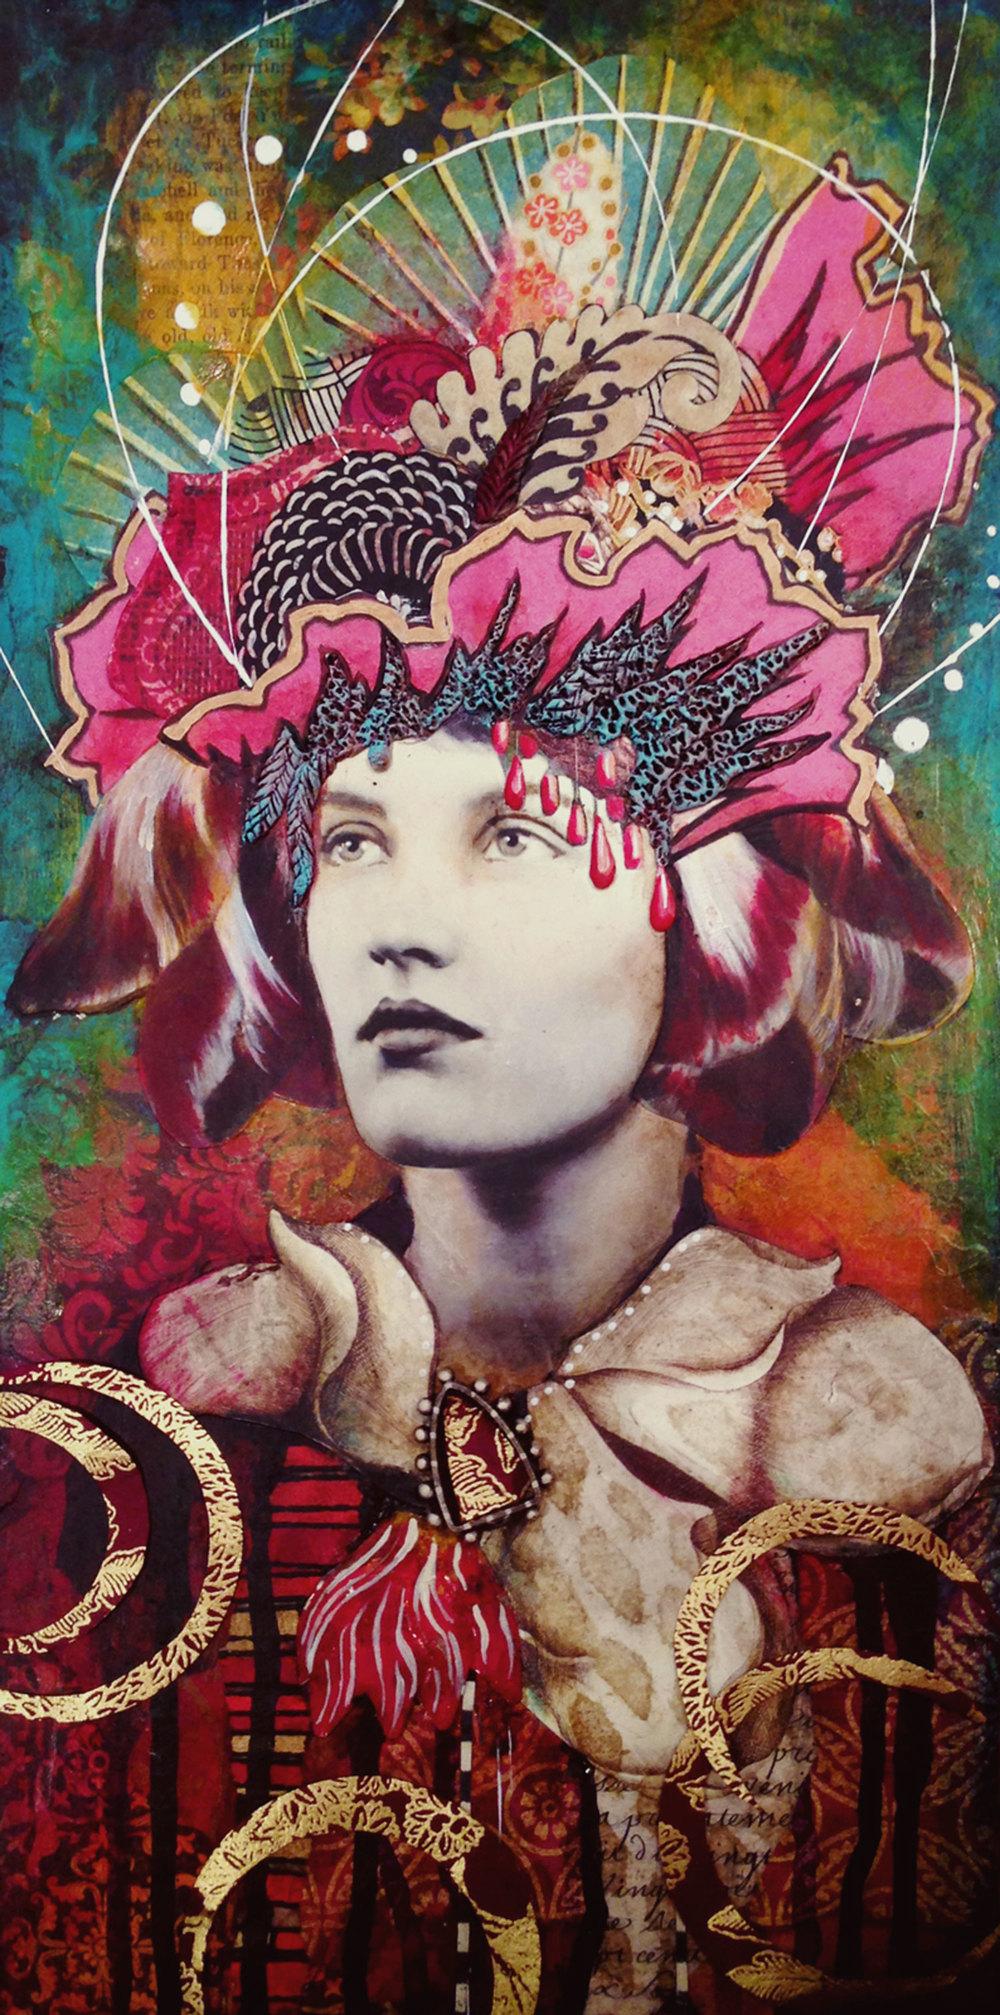 Andrea-Matus-deMeng-Gypsy2.jpg